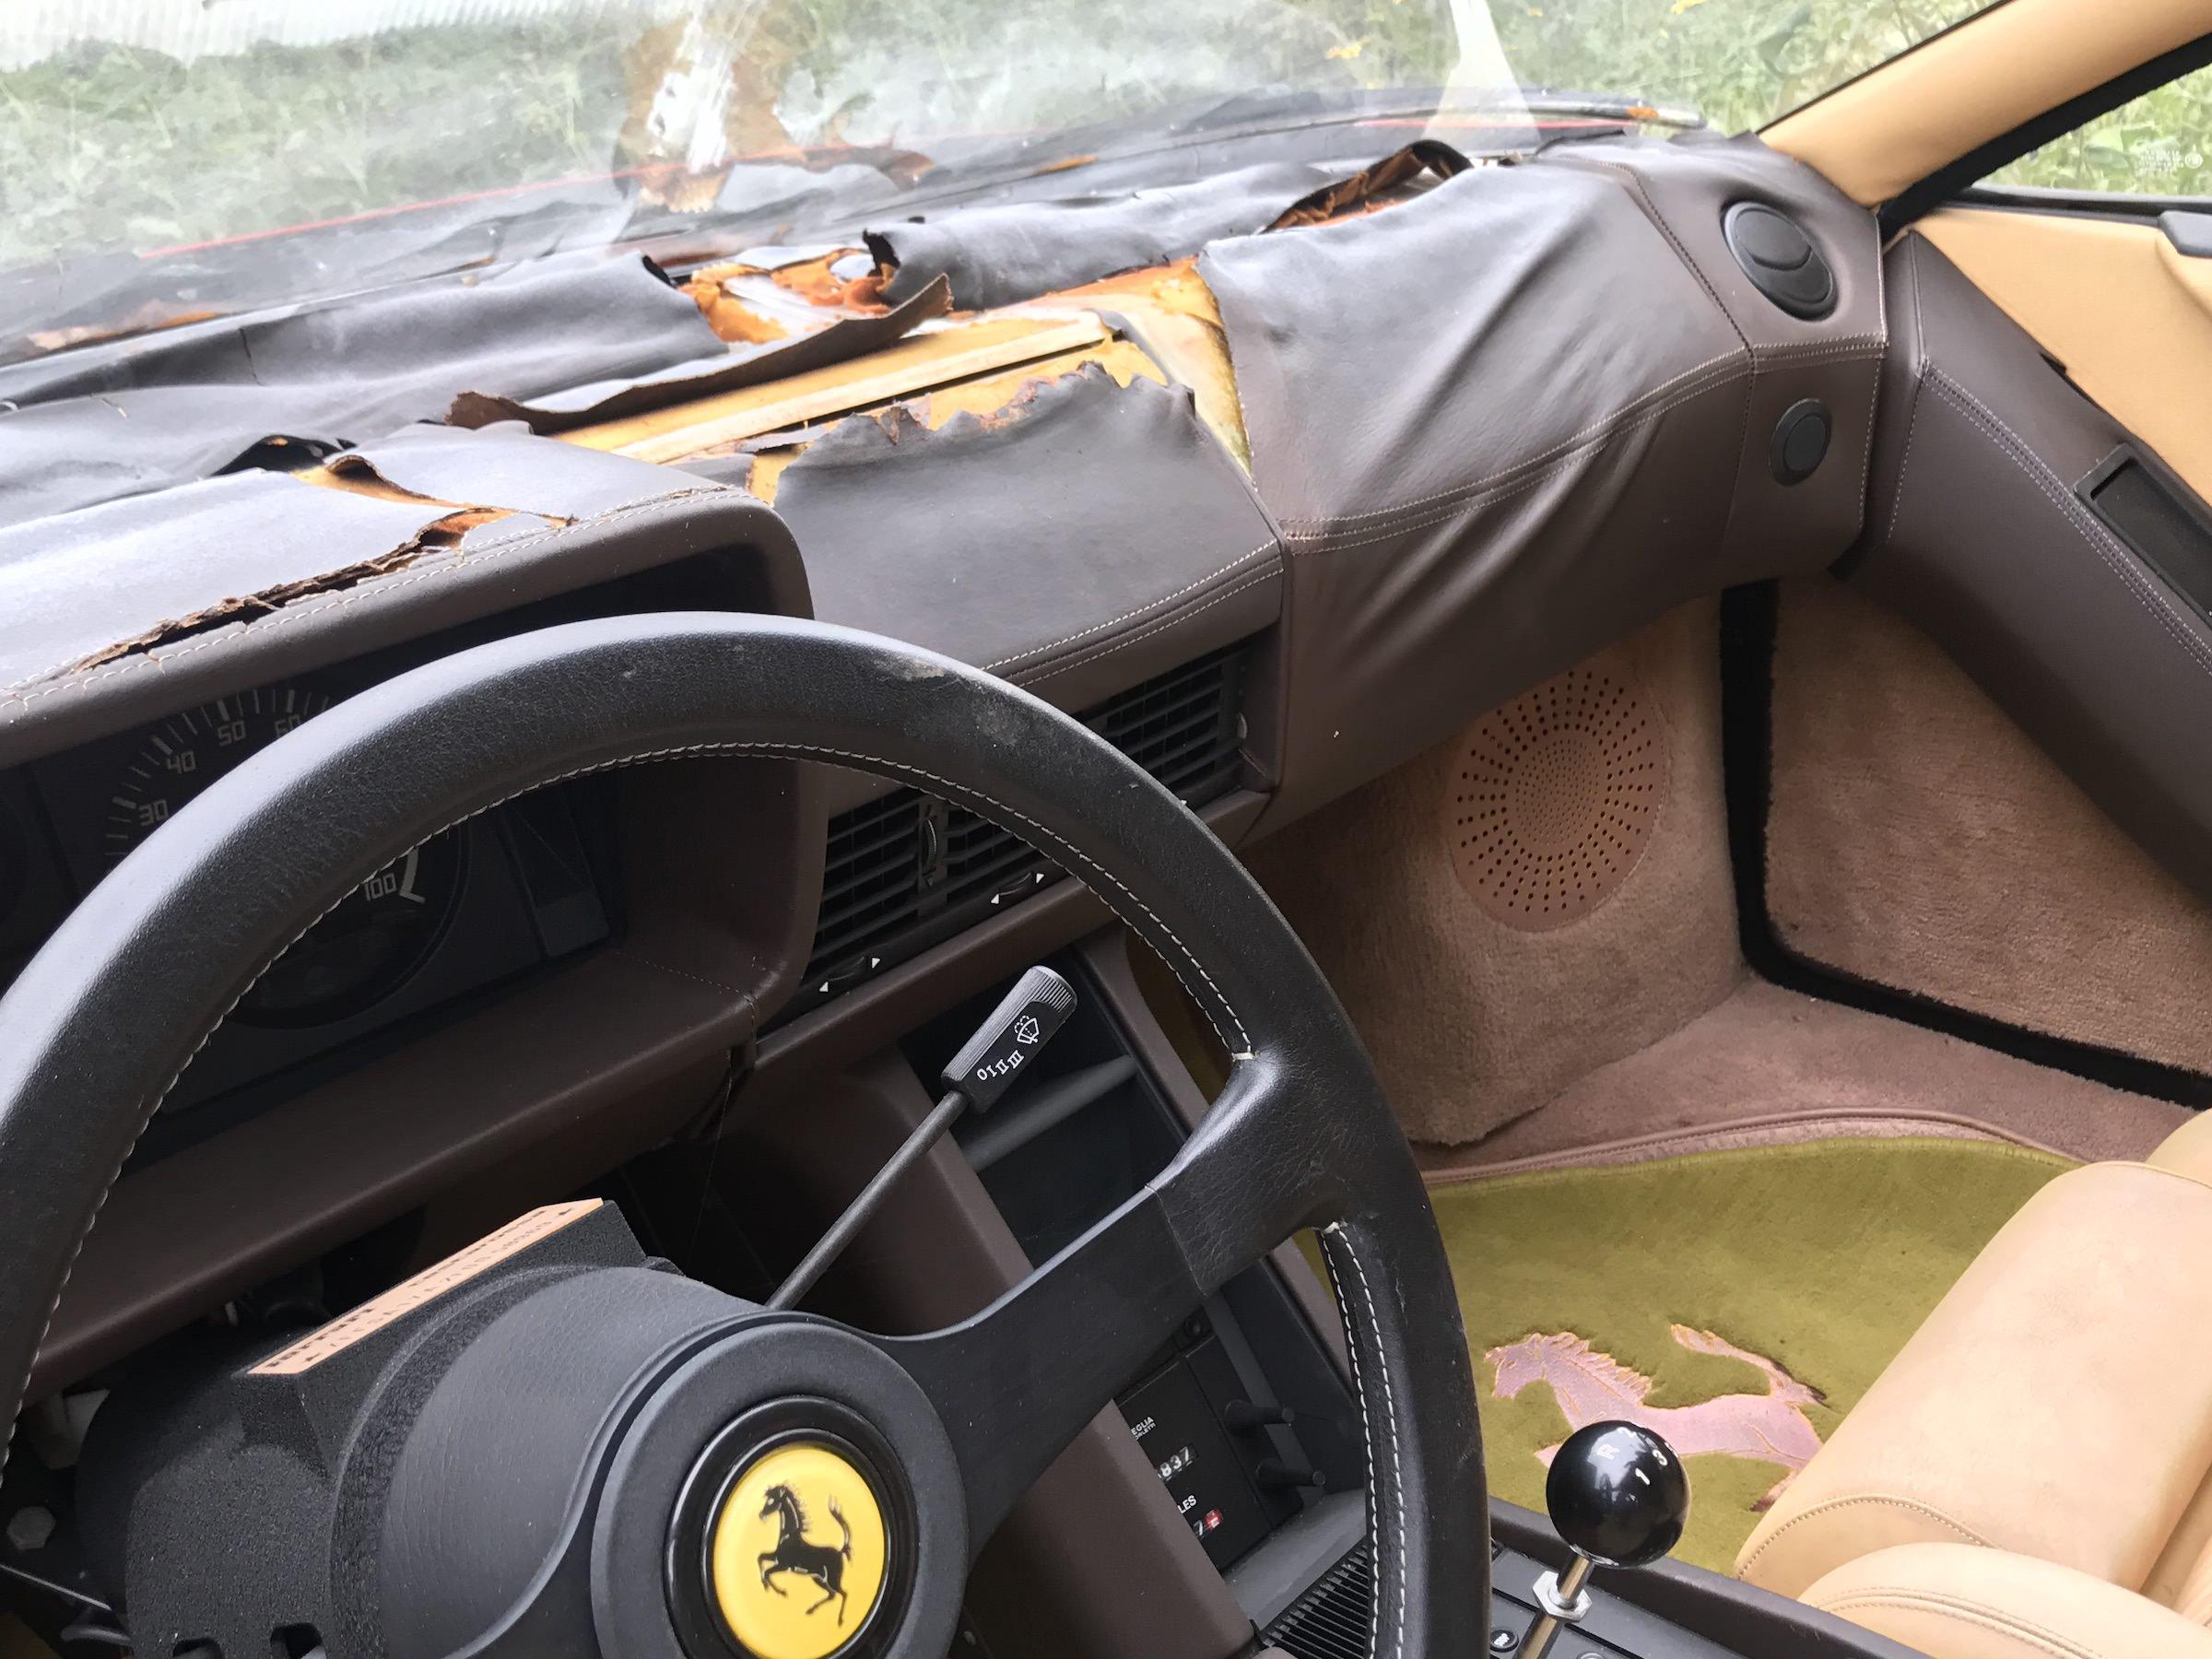 Abandoned-Ferrari-23